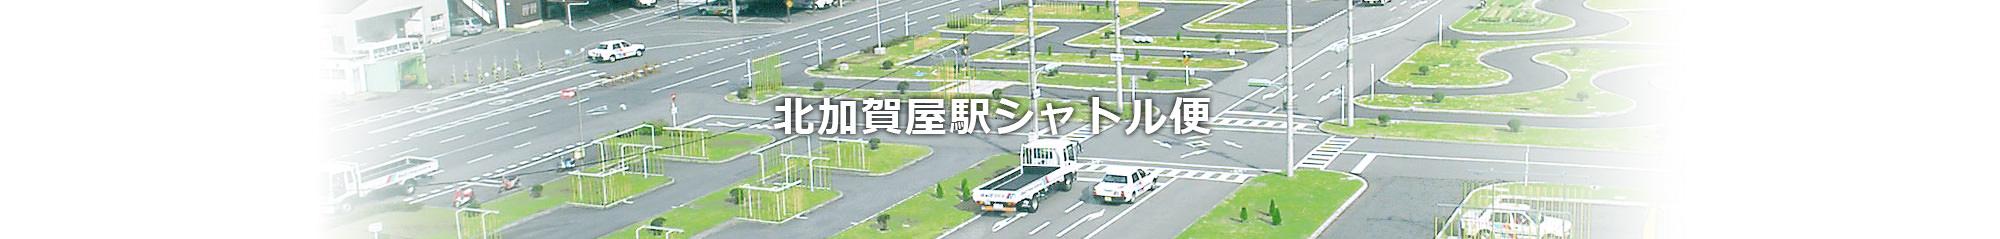 北加賀屋駅シャトル便